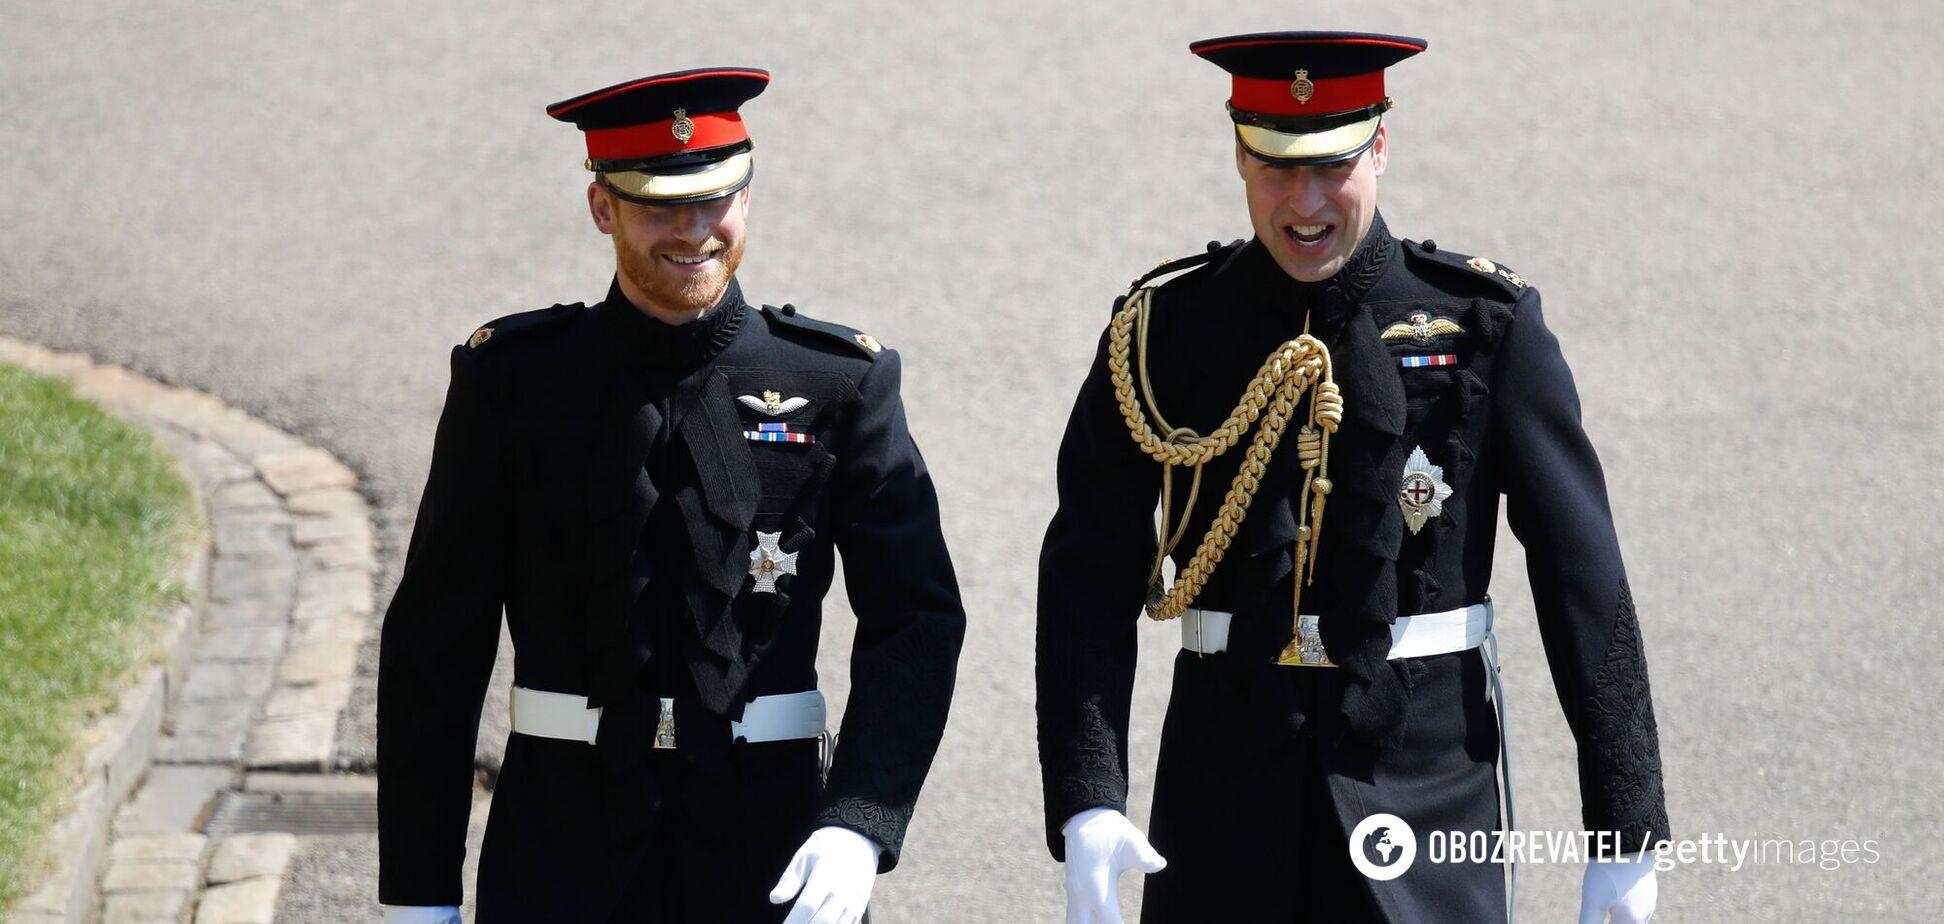 Переводчики пересказали разговор принцев Уильяма и Гарри на похоронах дедушки